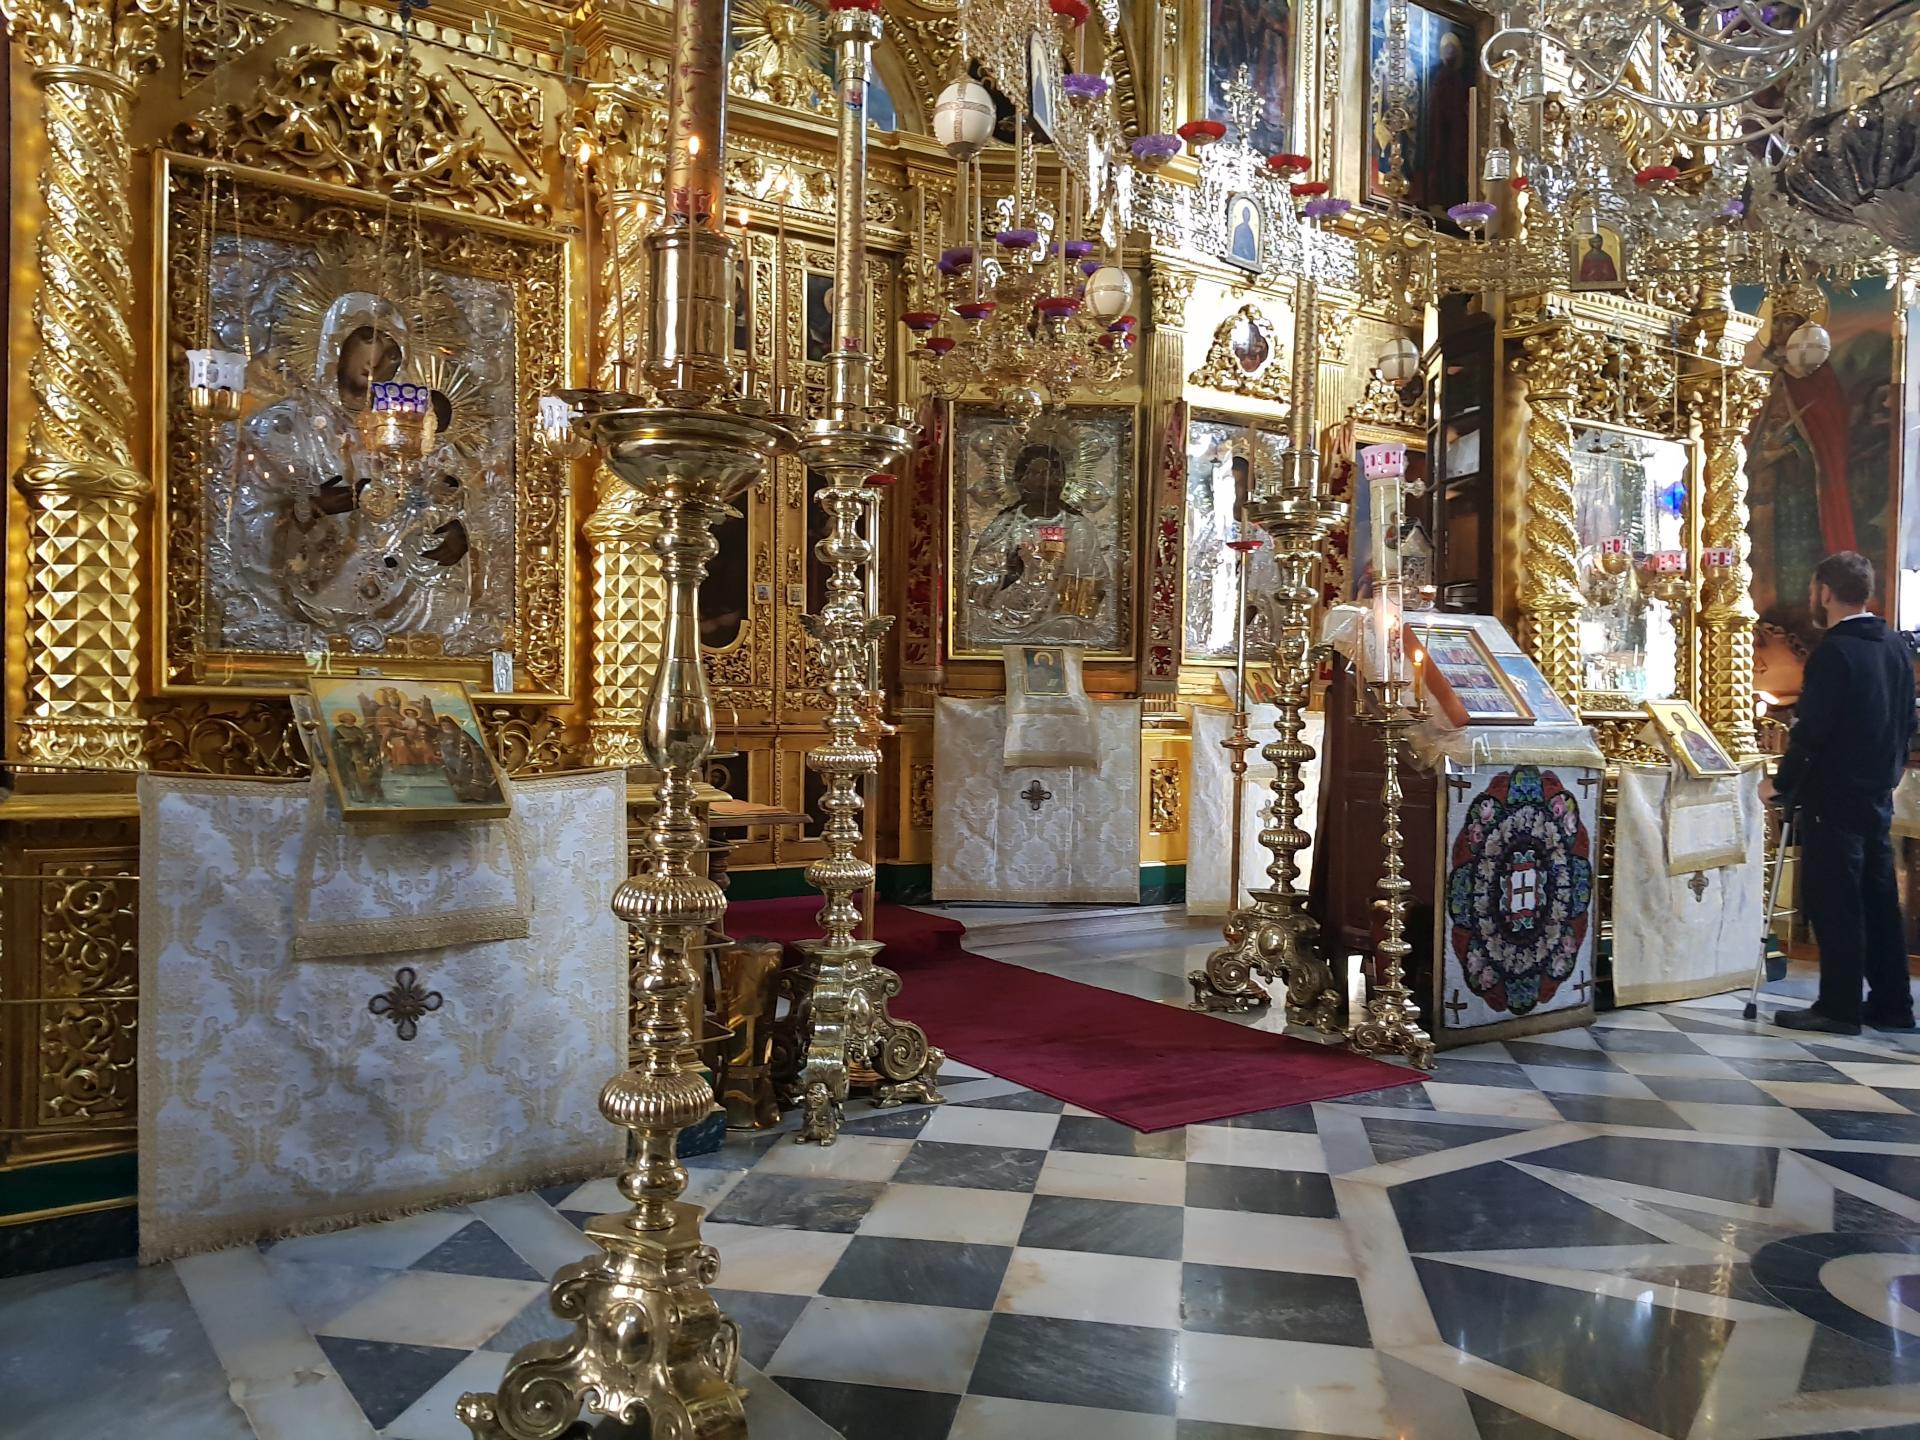 внутри храма Свято-Пантелеймонова монастыря